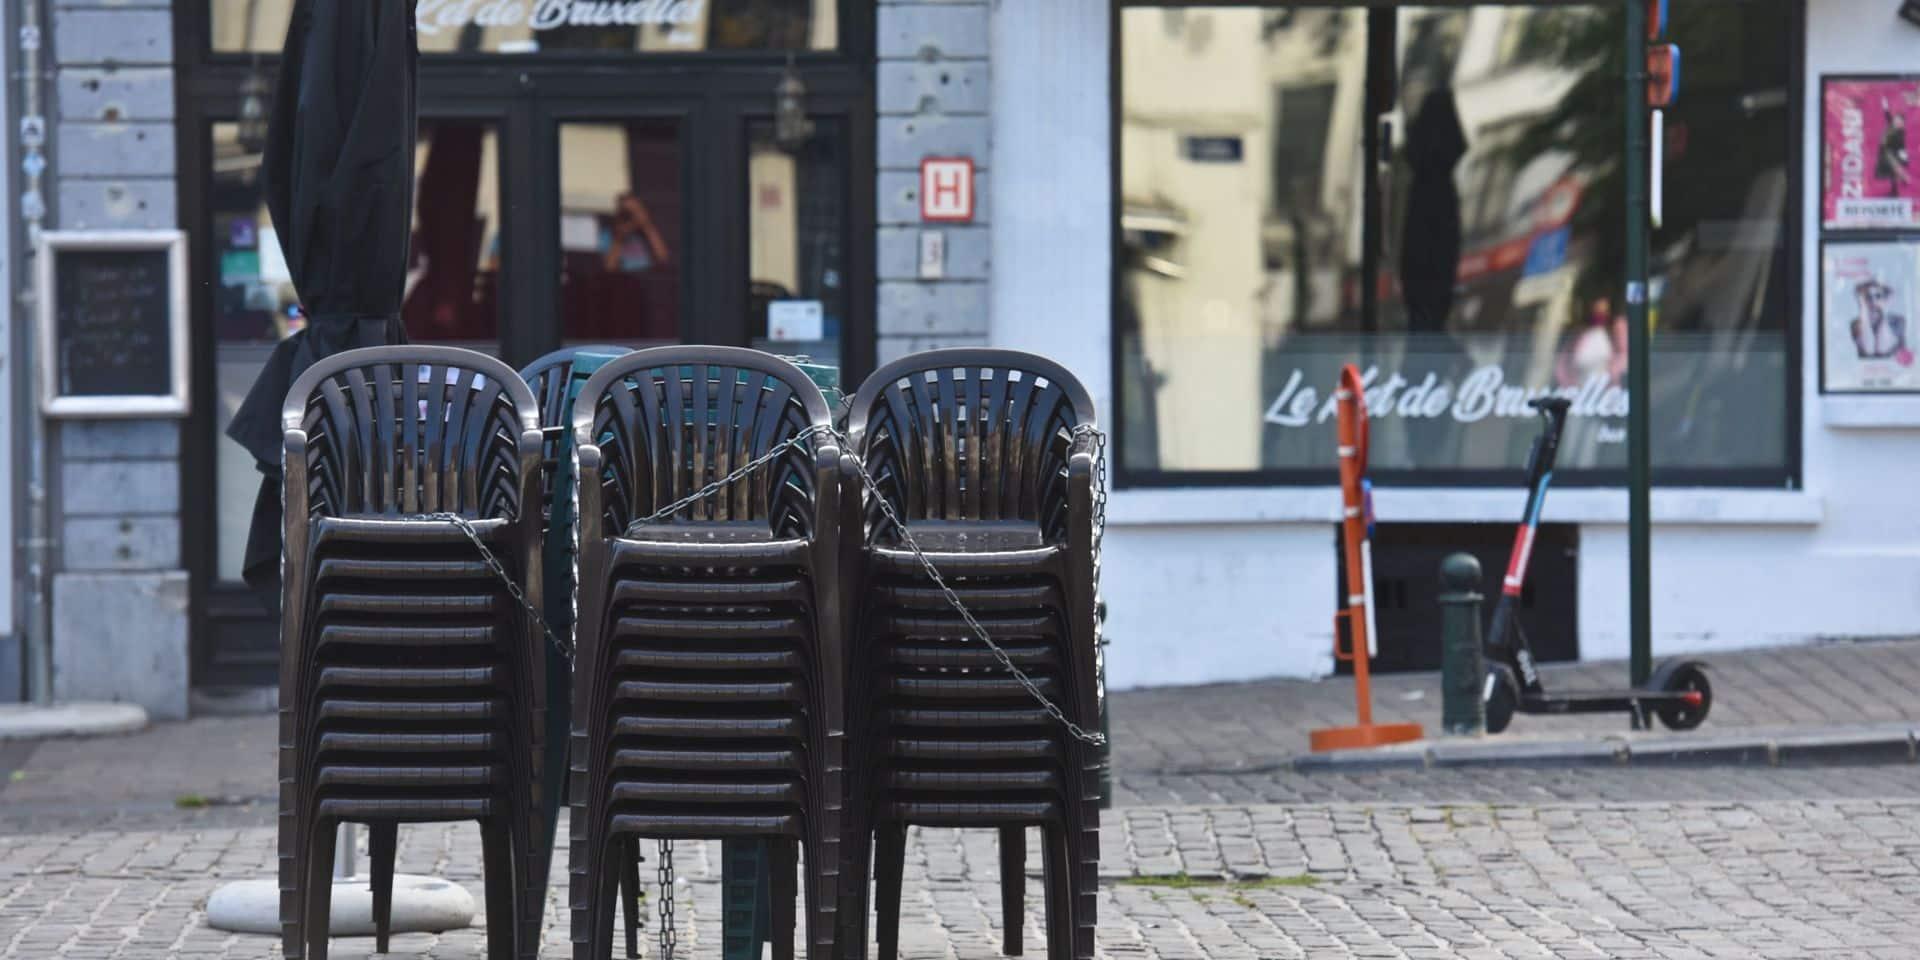 Les mesures sanitaires belges pas si strictes ? Un outil fait le point pays par pays